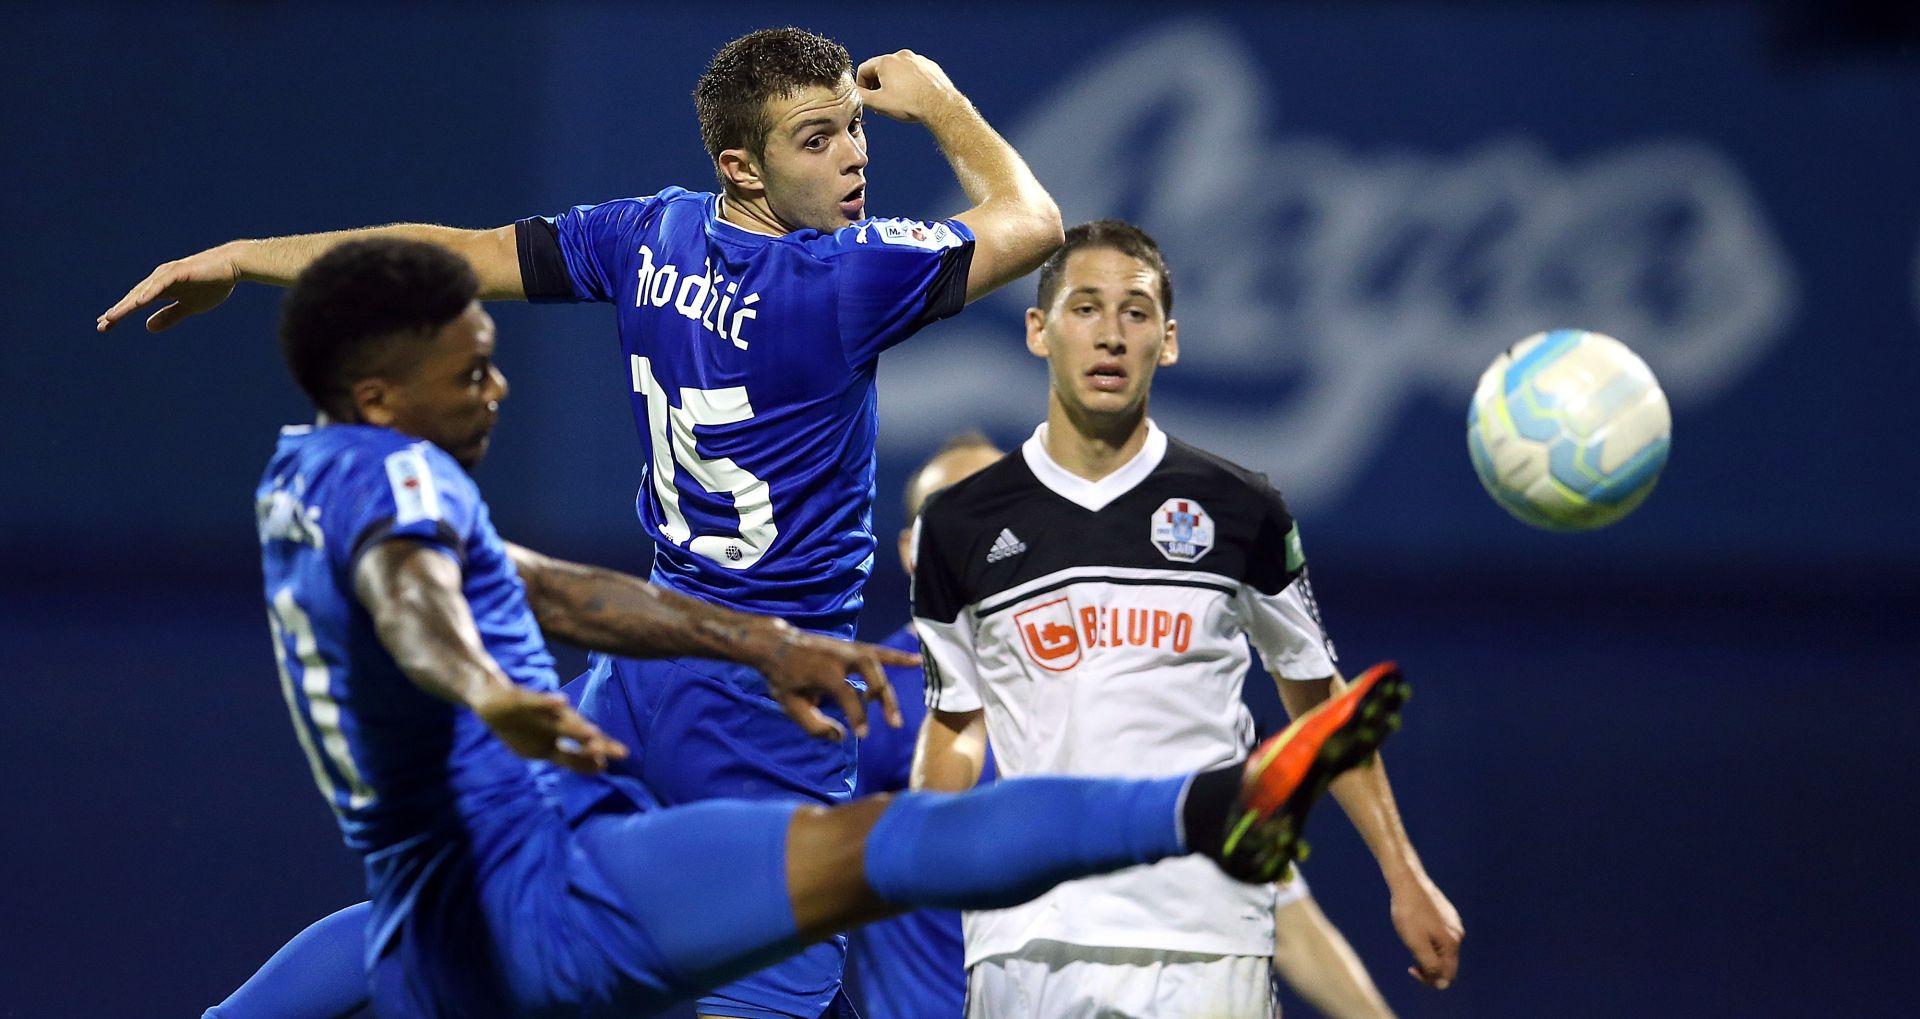 HNL: UZBUDLJIV FINIŠ NA MAKSIMIRU Slaven poveo u 93., Dinamo do boda u 94. minuti